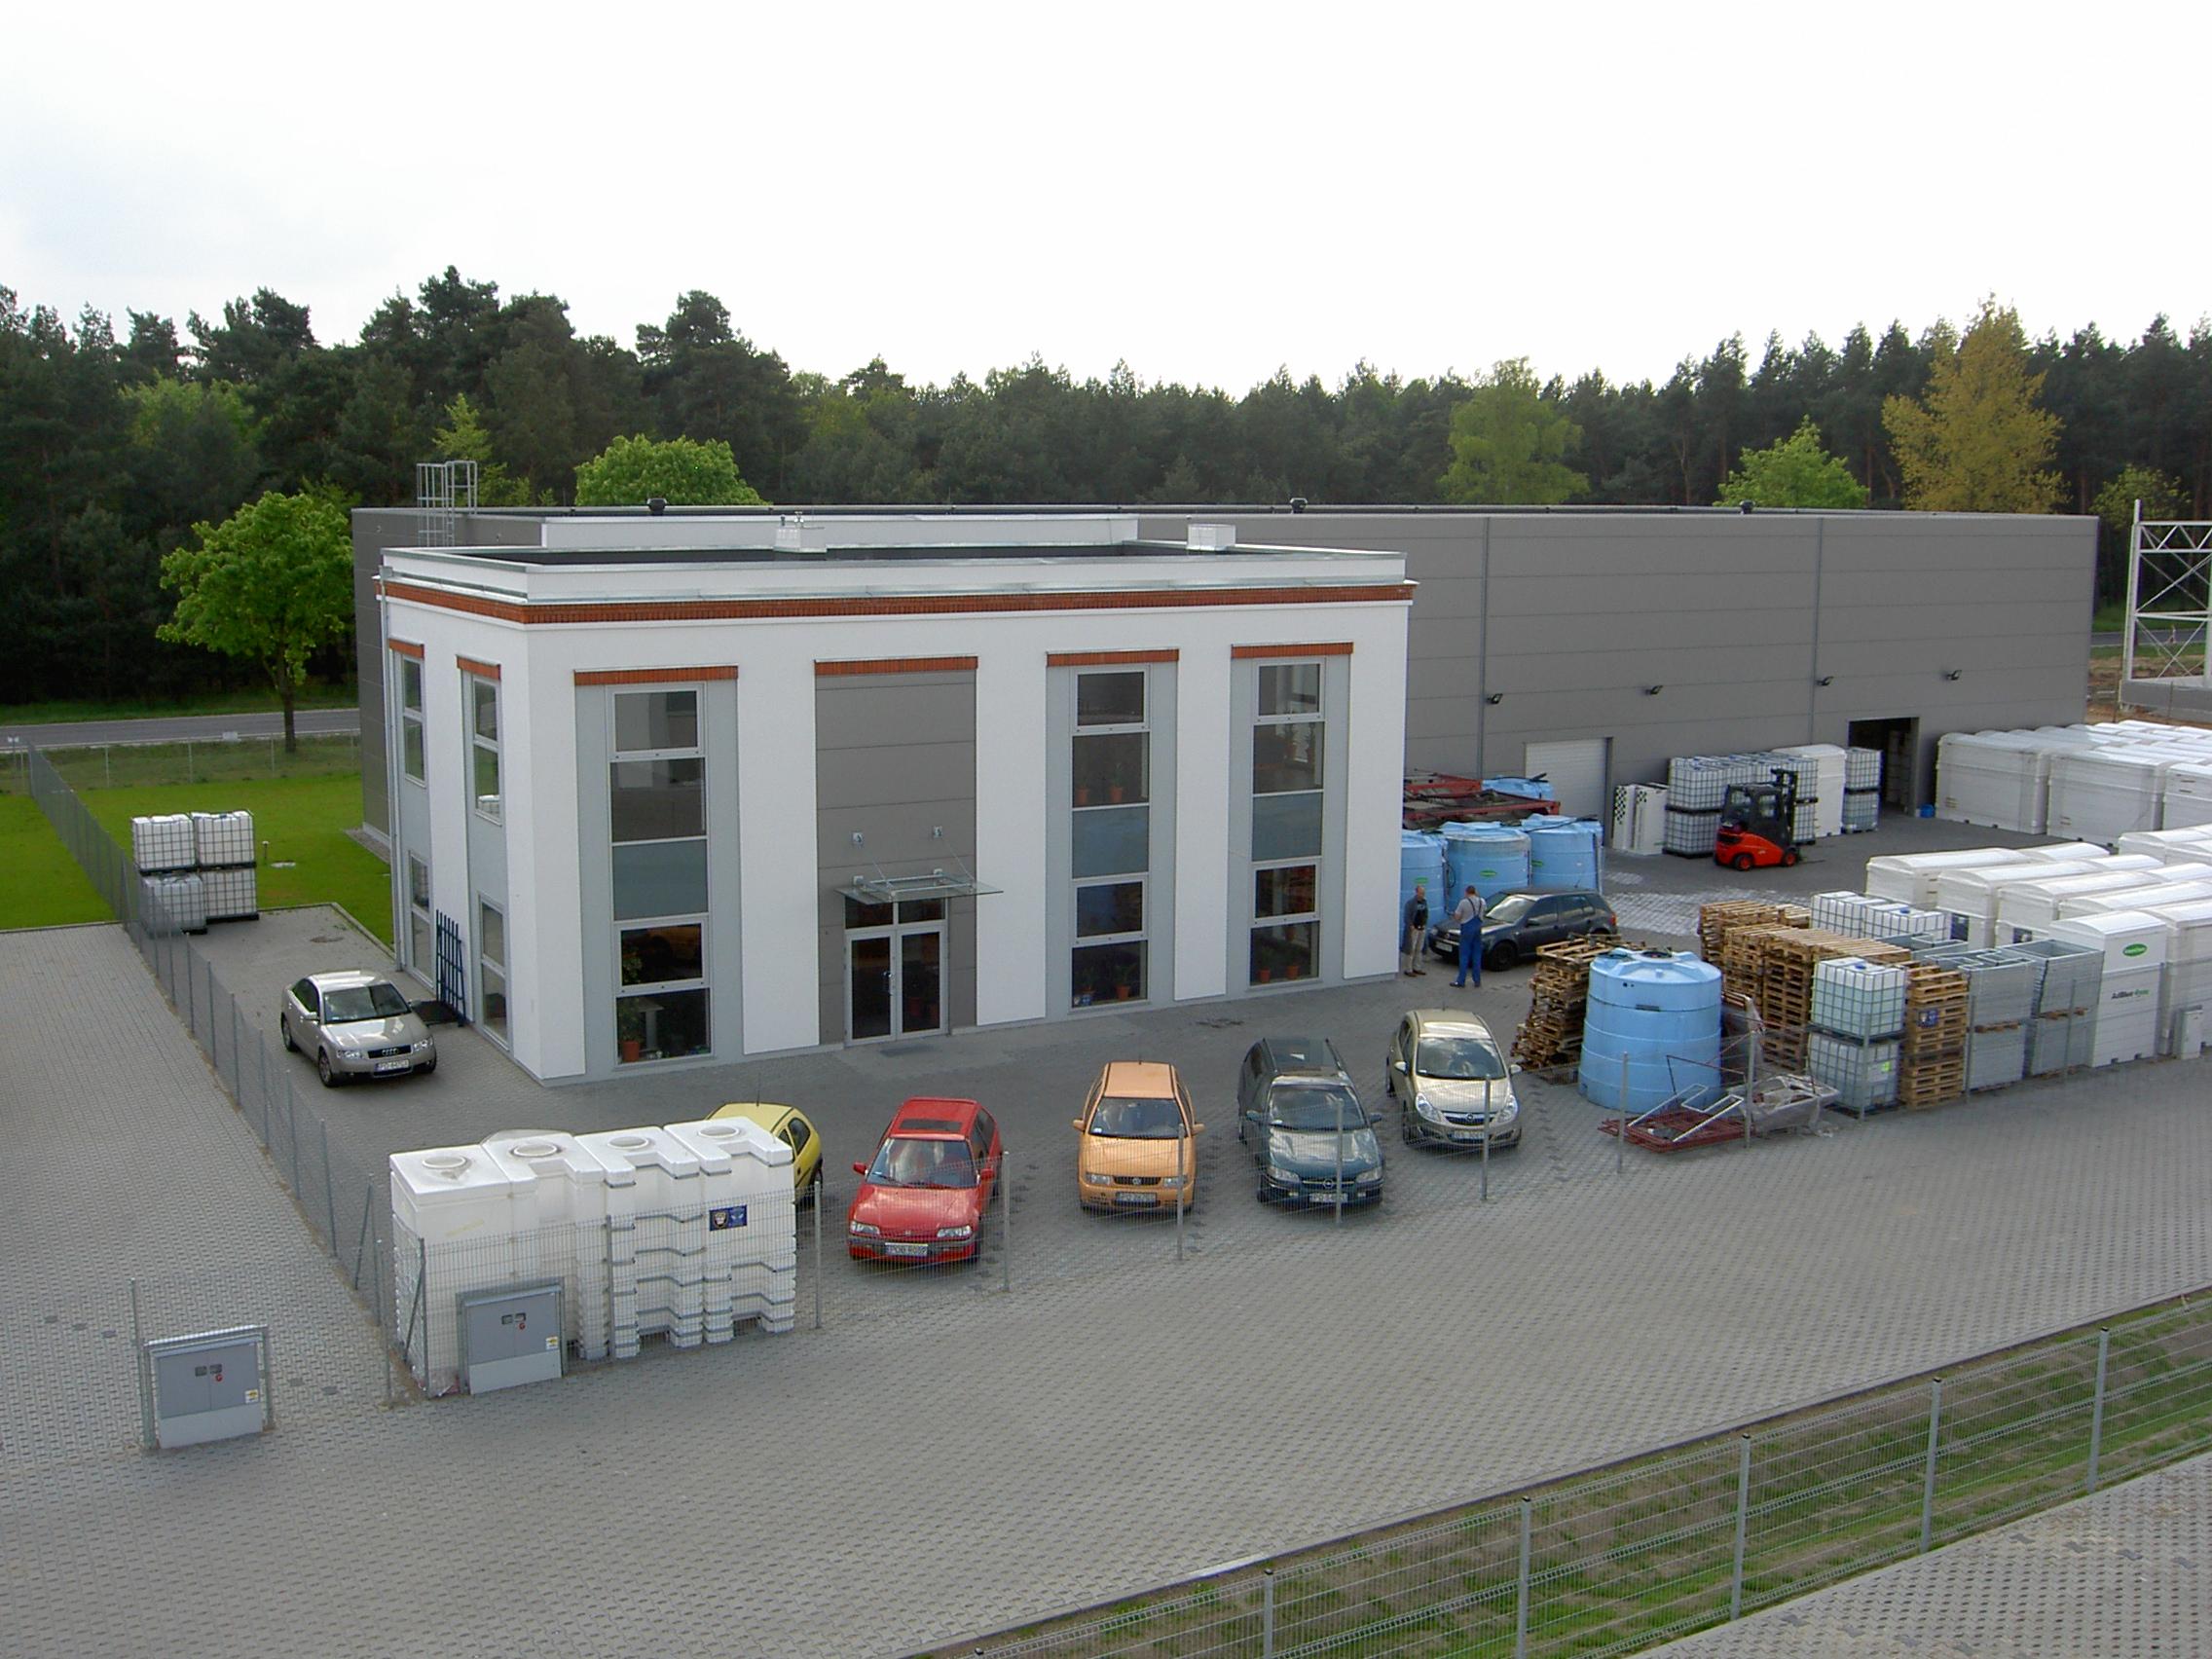 Park przemysłowy zagospodarowany obiektami biurowo-magazynowymi wraz infrastrukturą Jakon Sierosław Widok z lotu ptaka Parking